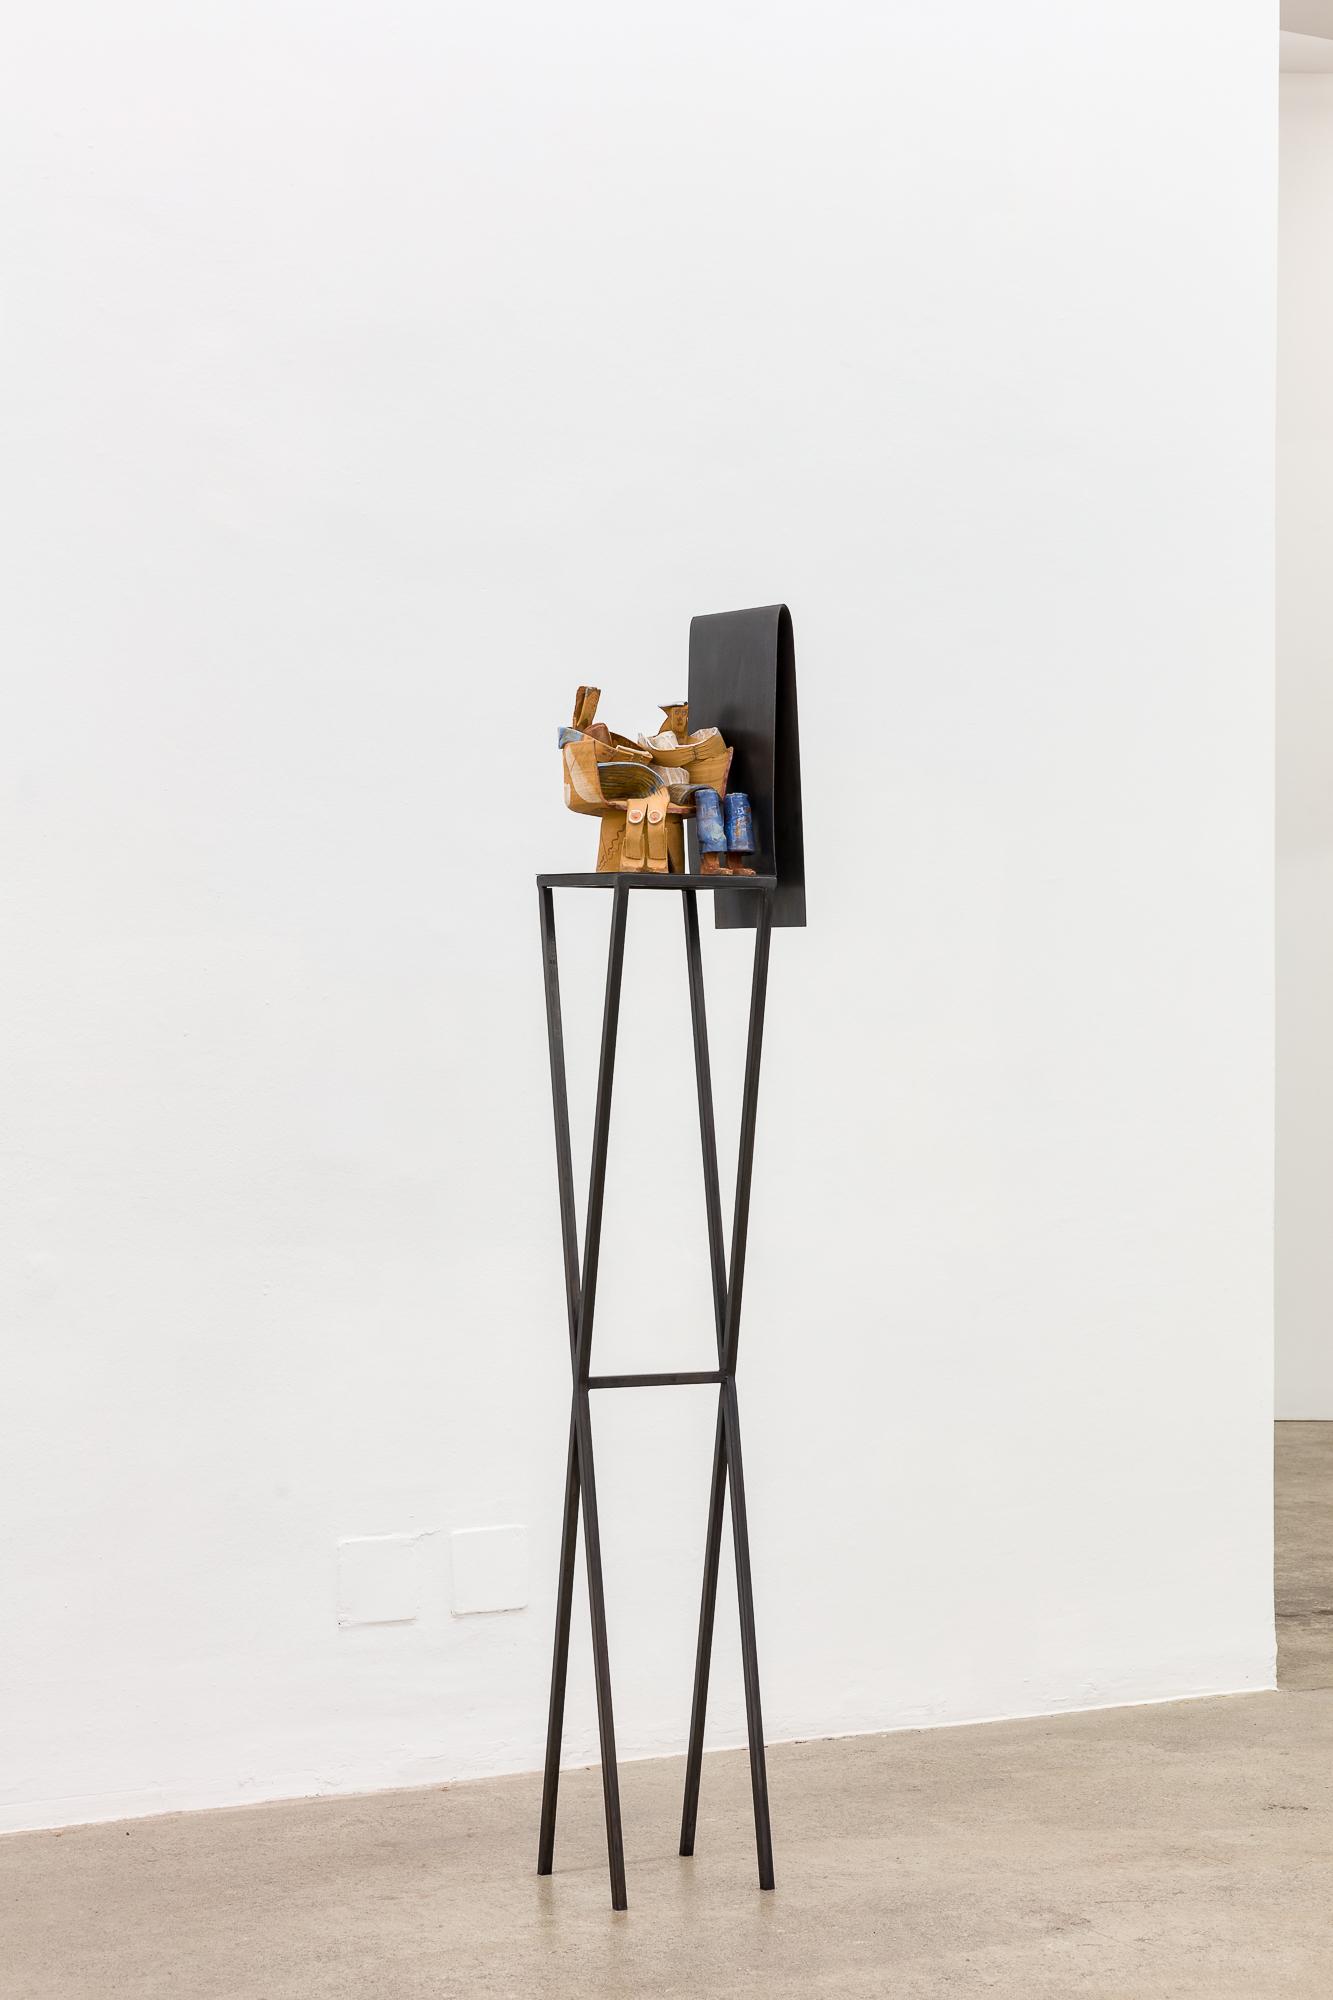 2019_01_24_Irina Lotarevich und Anna Schachinger_Sophie Tappeiner_by_kunstdokumentationcom_013_web.jpg